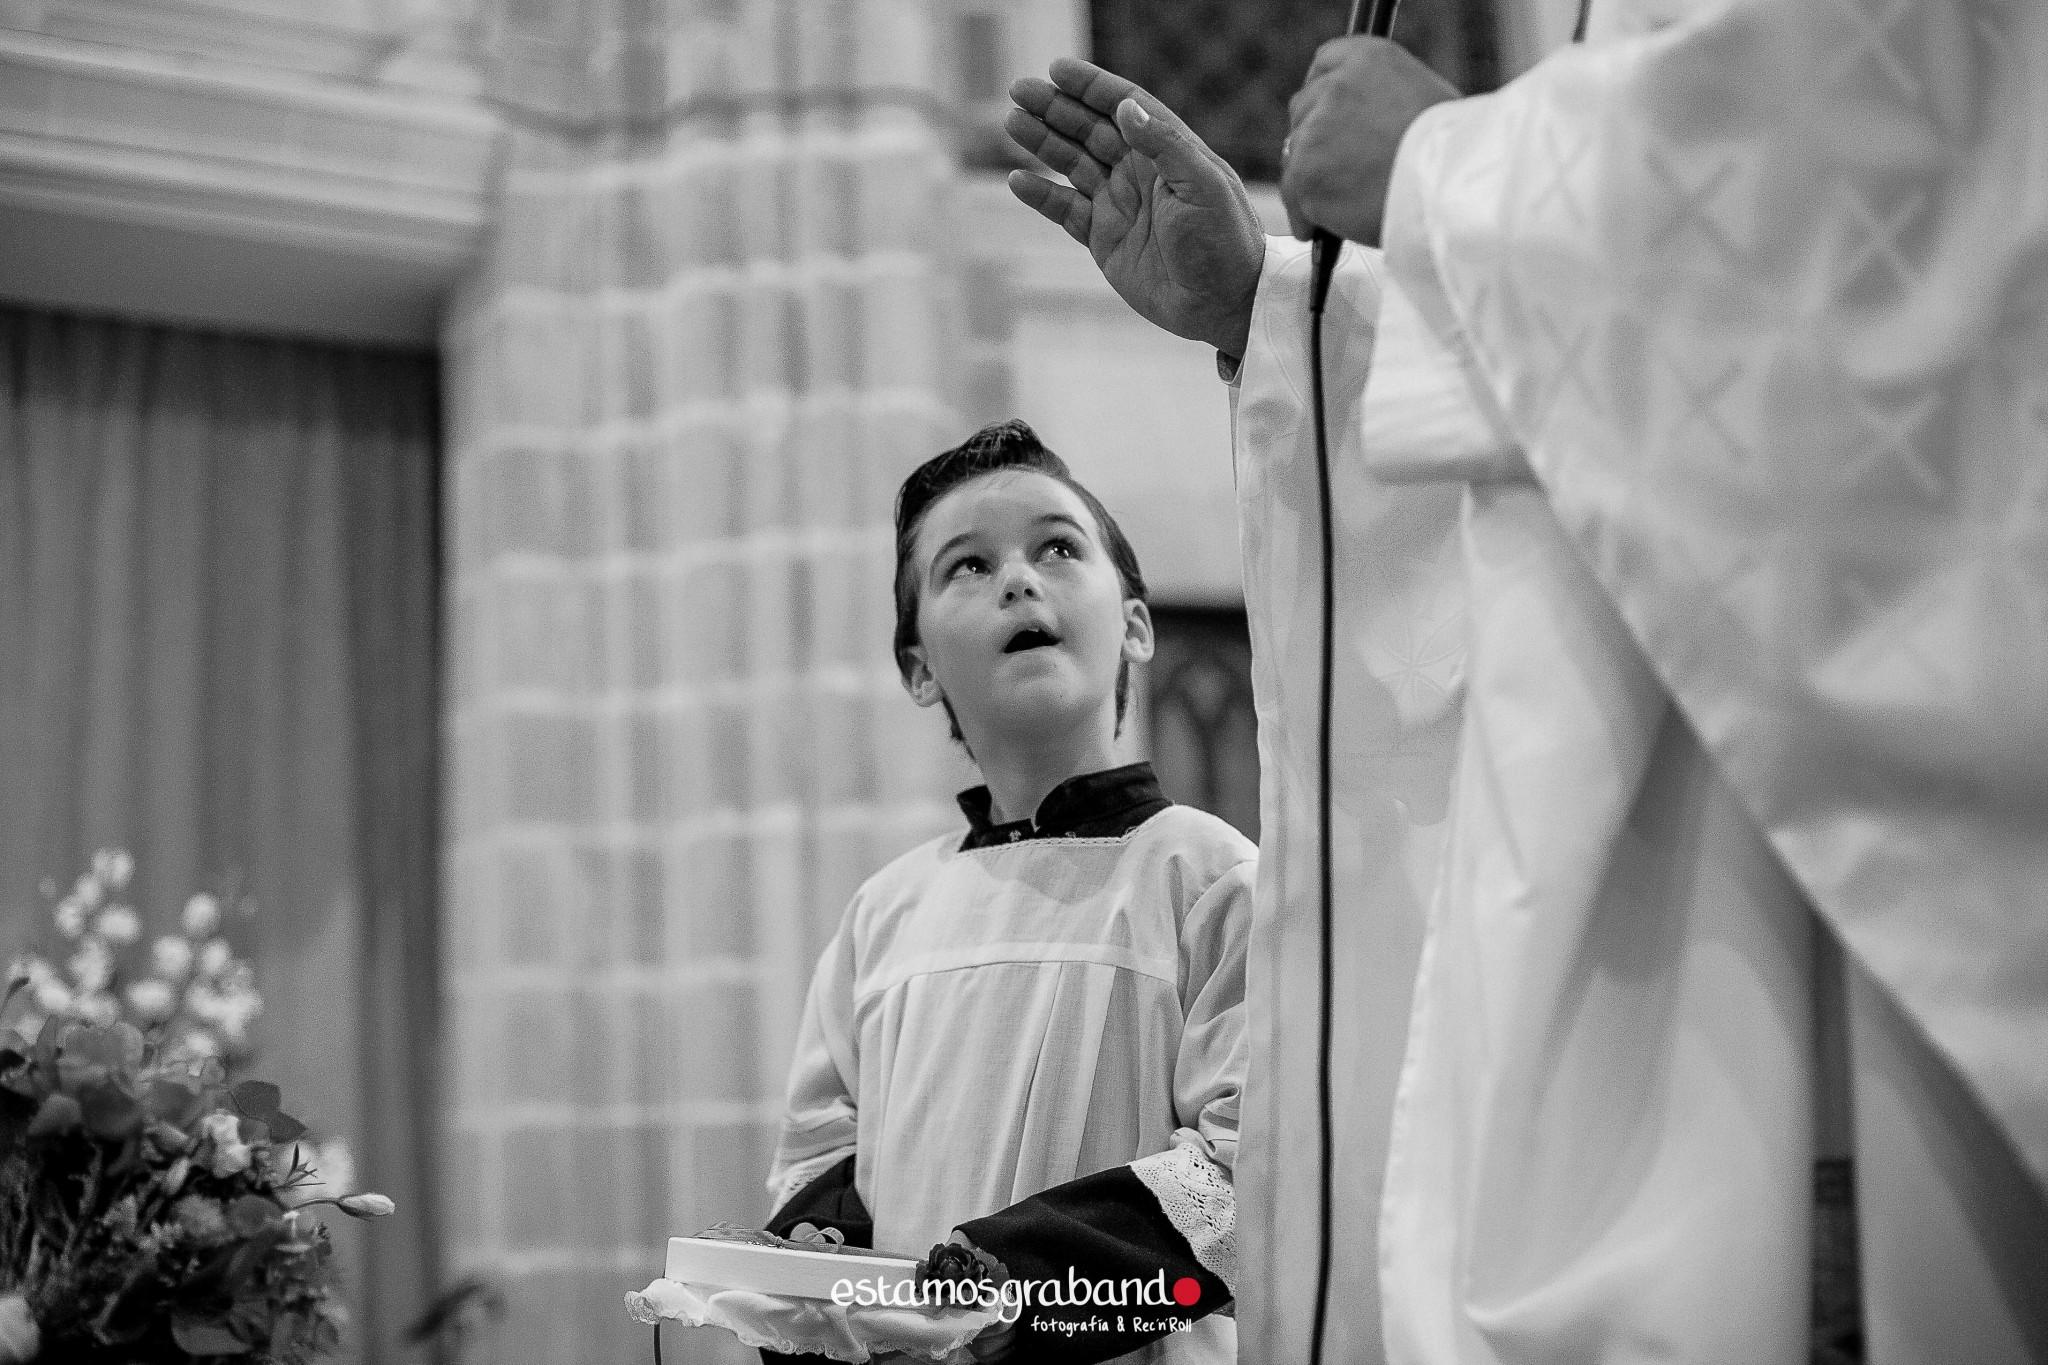 fotografo-de-bodas-jerez_mari-paz-jaime_bodegas-tradiciocc81n-26 32 escalones [Fotografía de bodas Jerez_Mari Paz & Jaime] - video boda cadiz